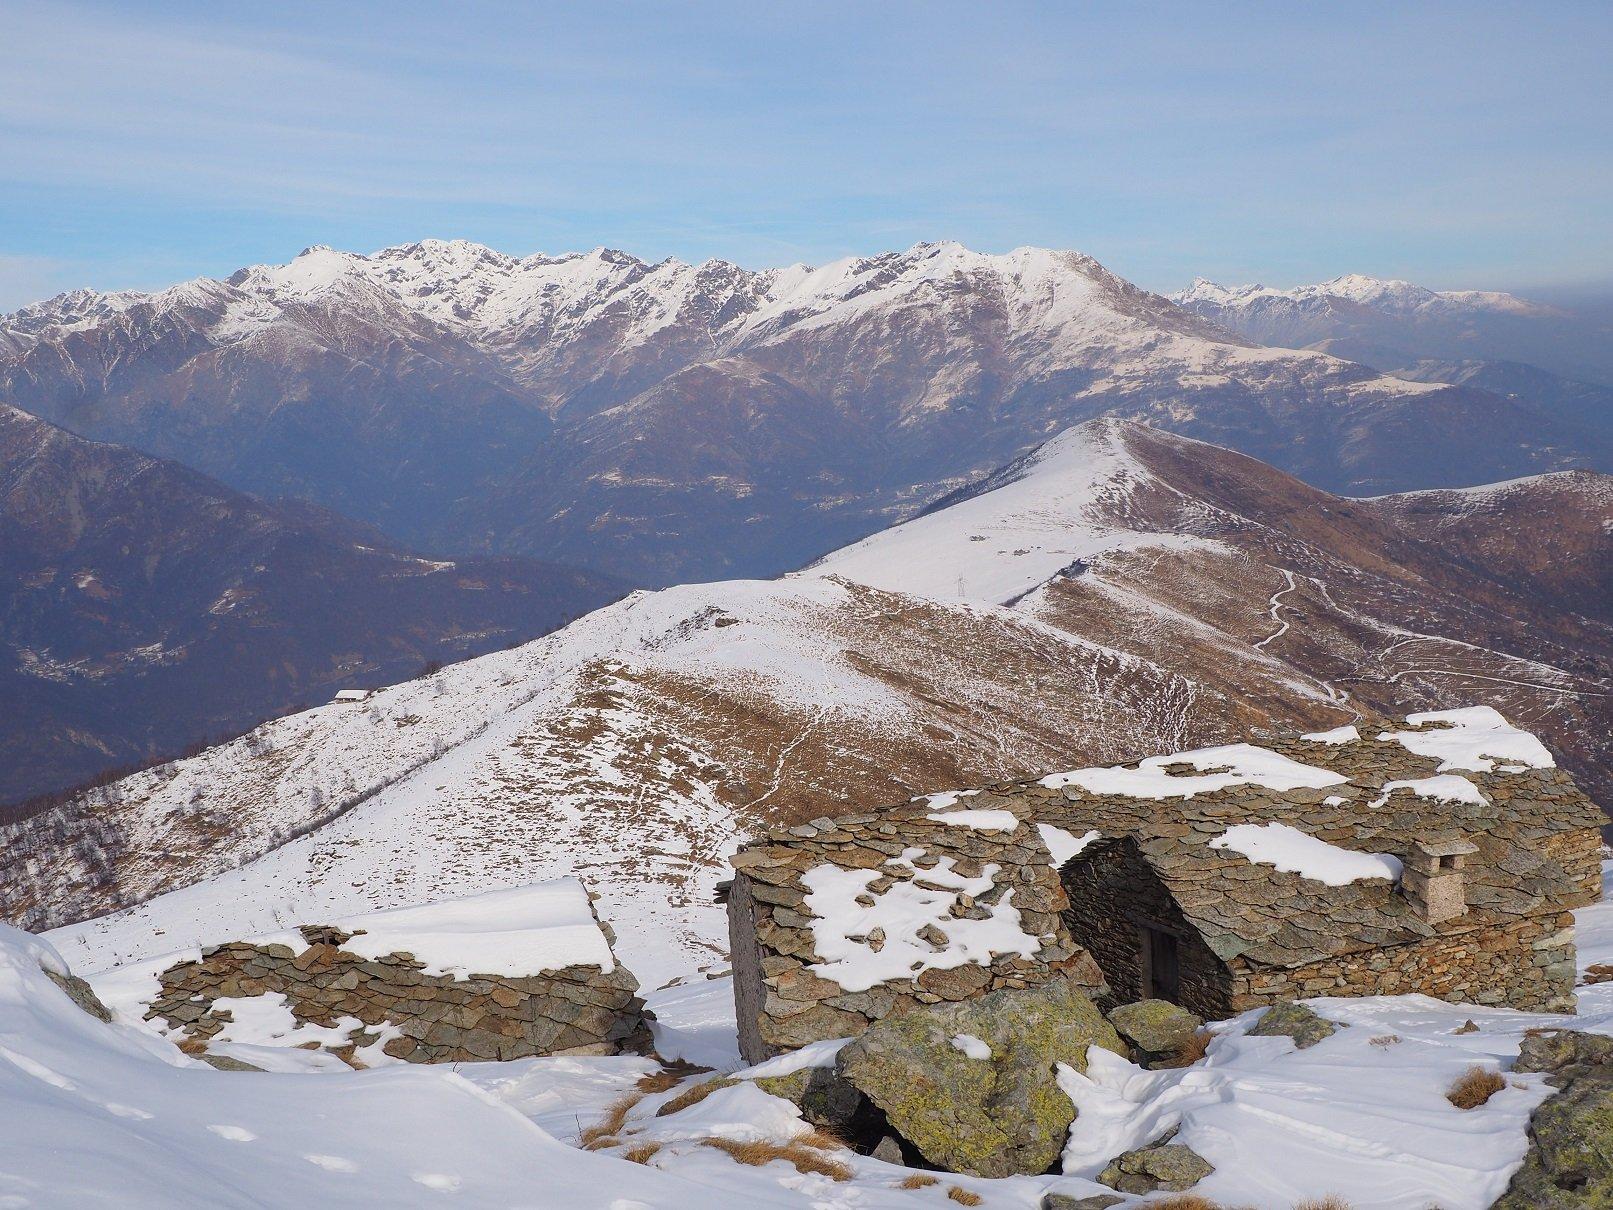 La dorsale di salita vista dall'Alpe del Caluso.